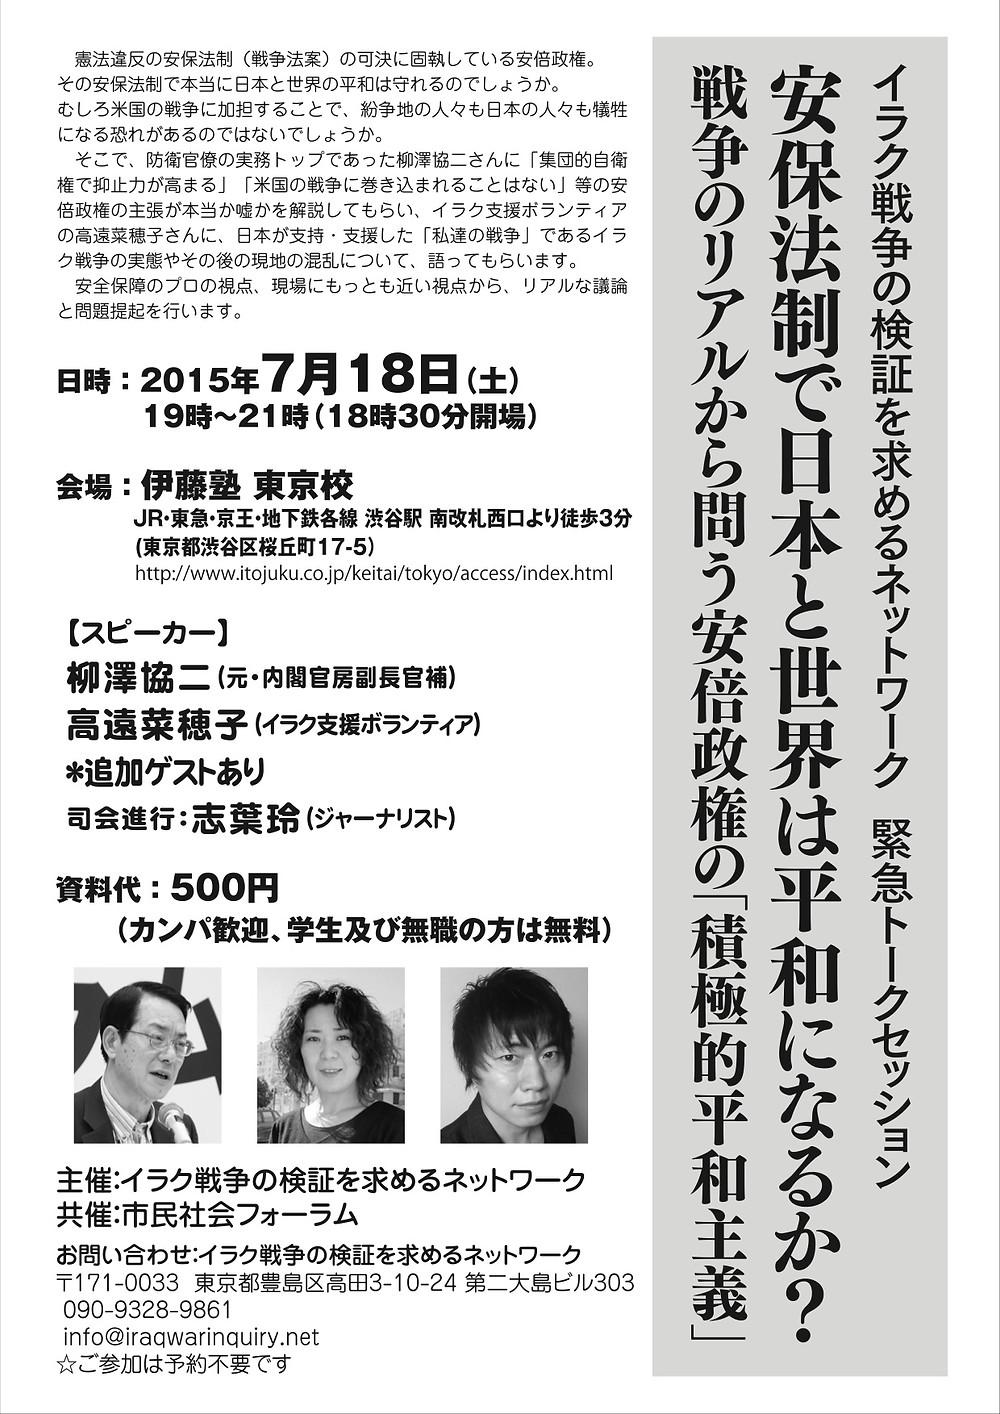 2015.7.18イラなん安保法制.jpg